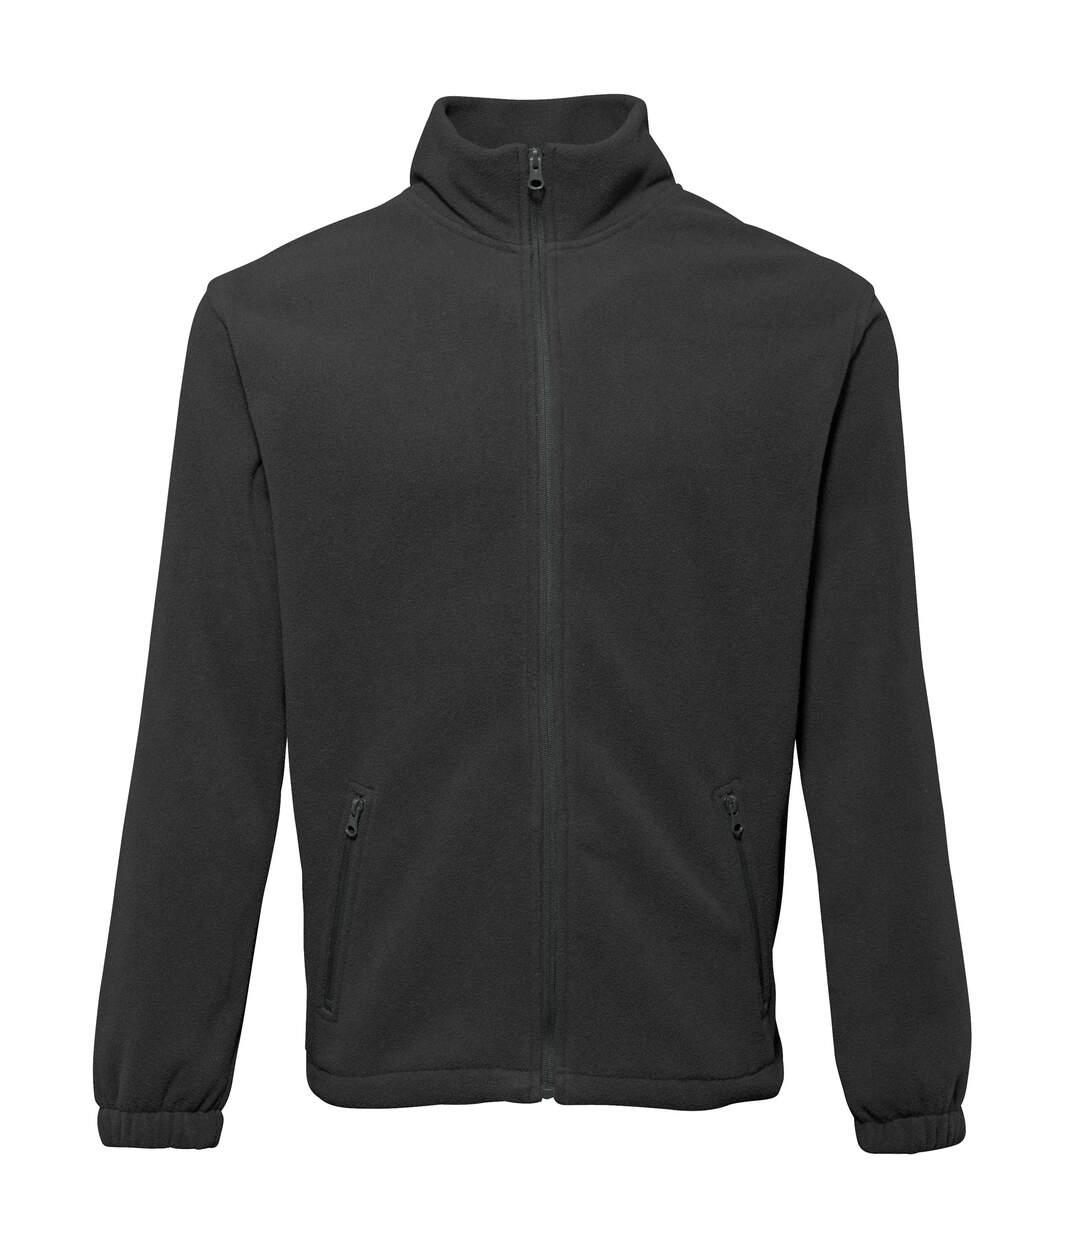 2786 Mens Full Zip Fleece Jacket (280 GSM) (Black) - UTRW2506